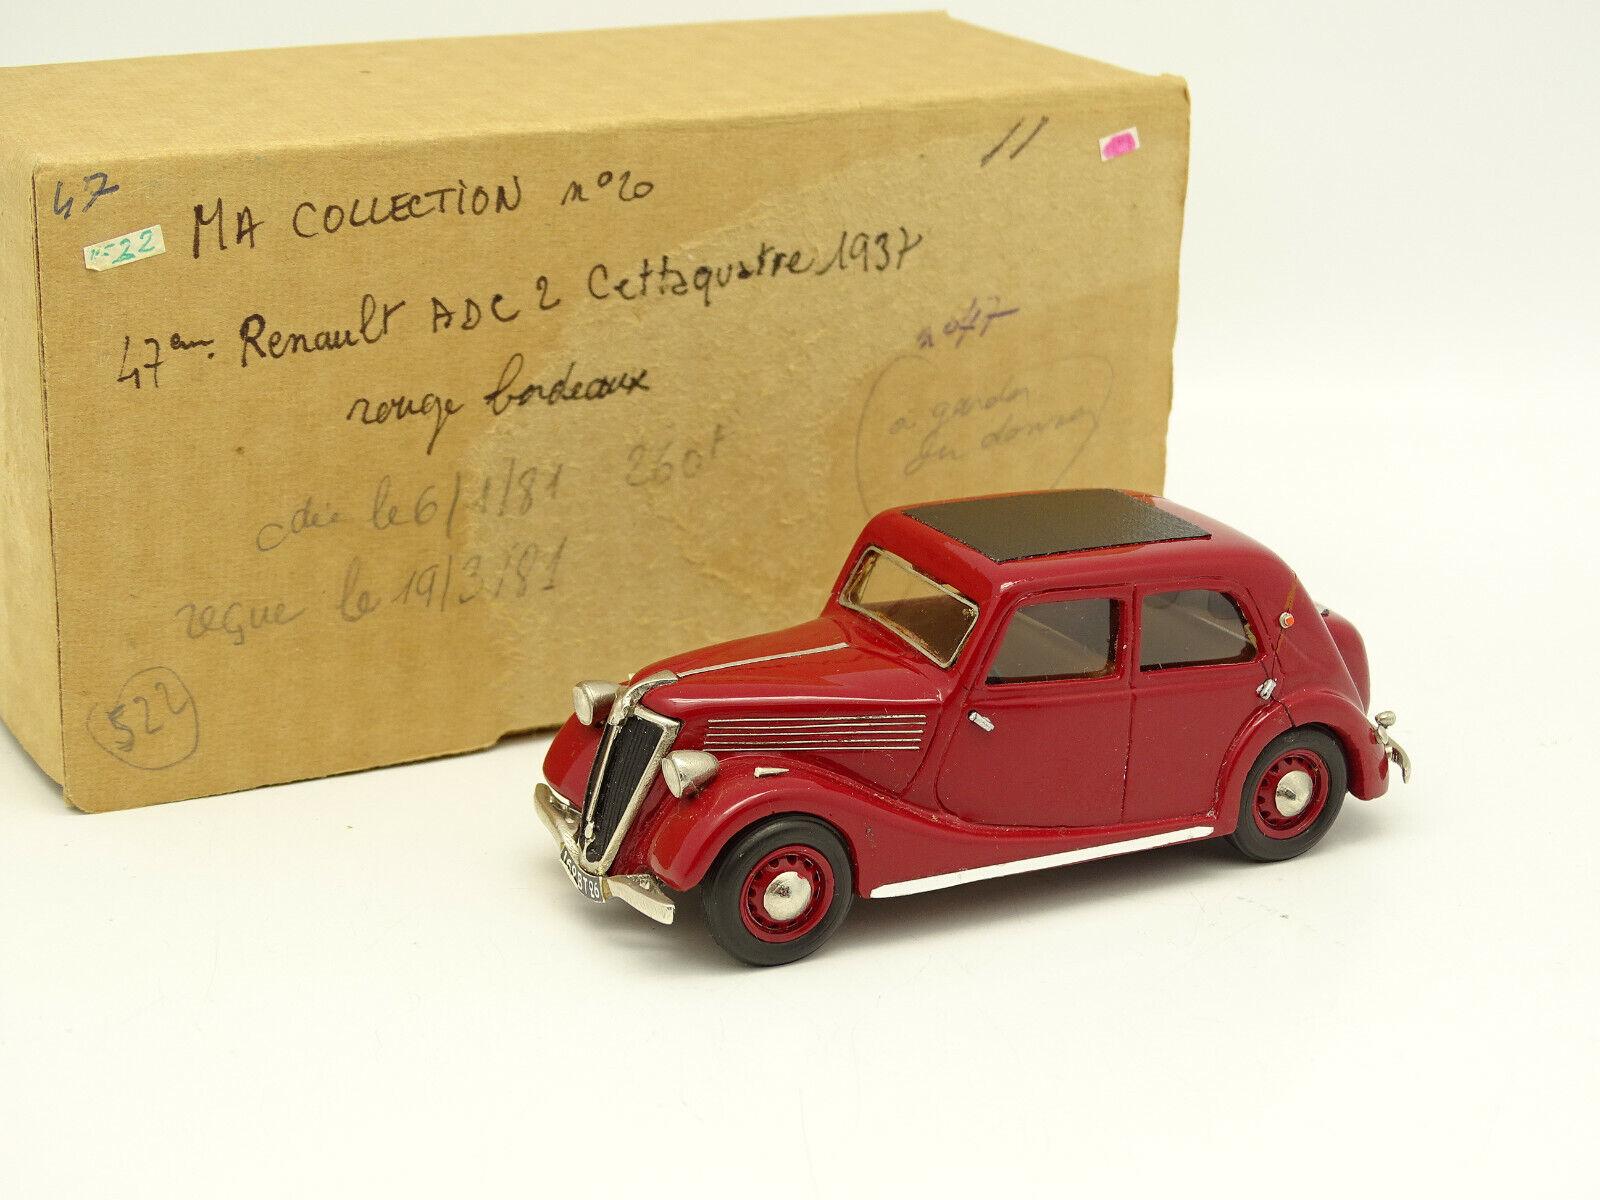 Ma Collection Kit Monté 1 43 - Renault ADC 2 Celtaquatre 1937 rot